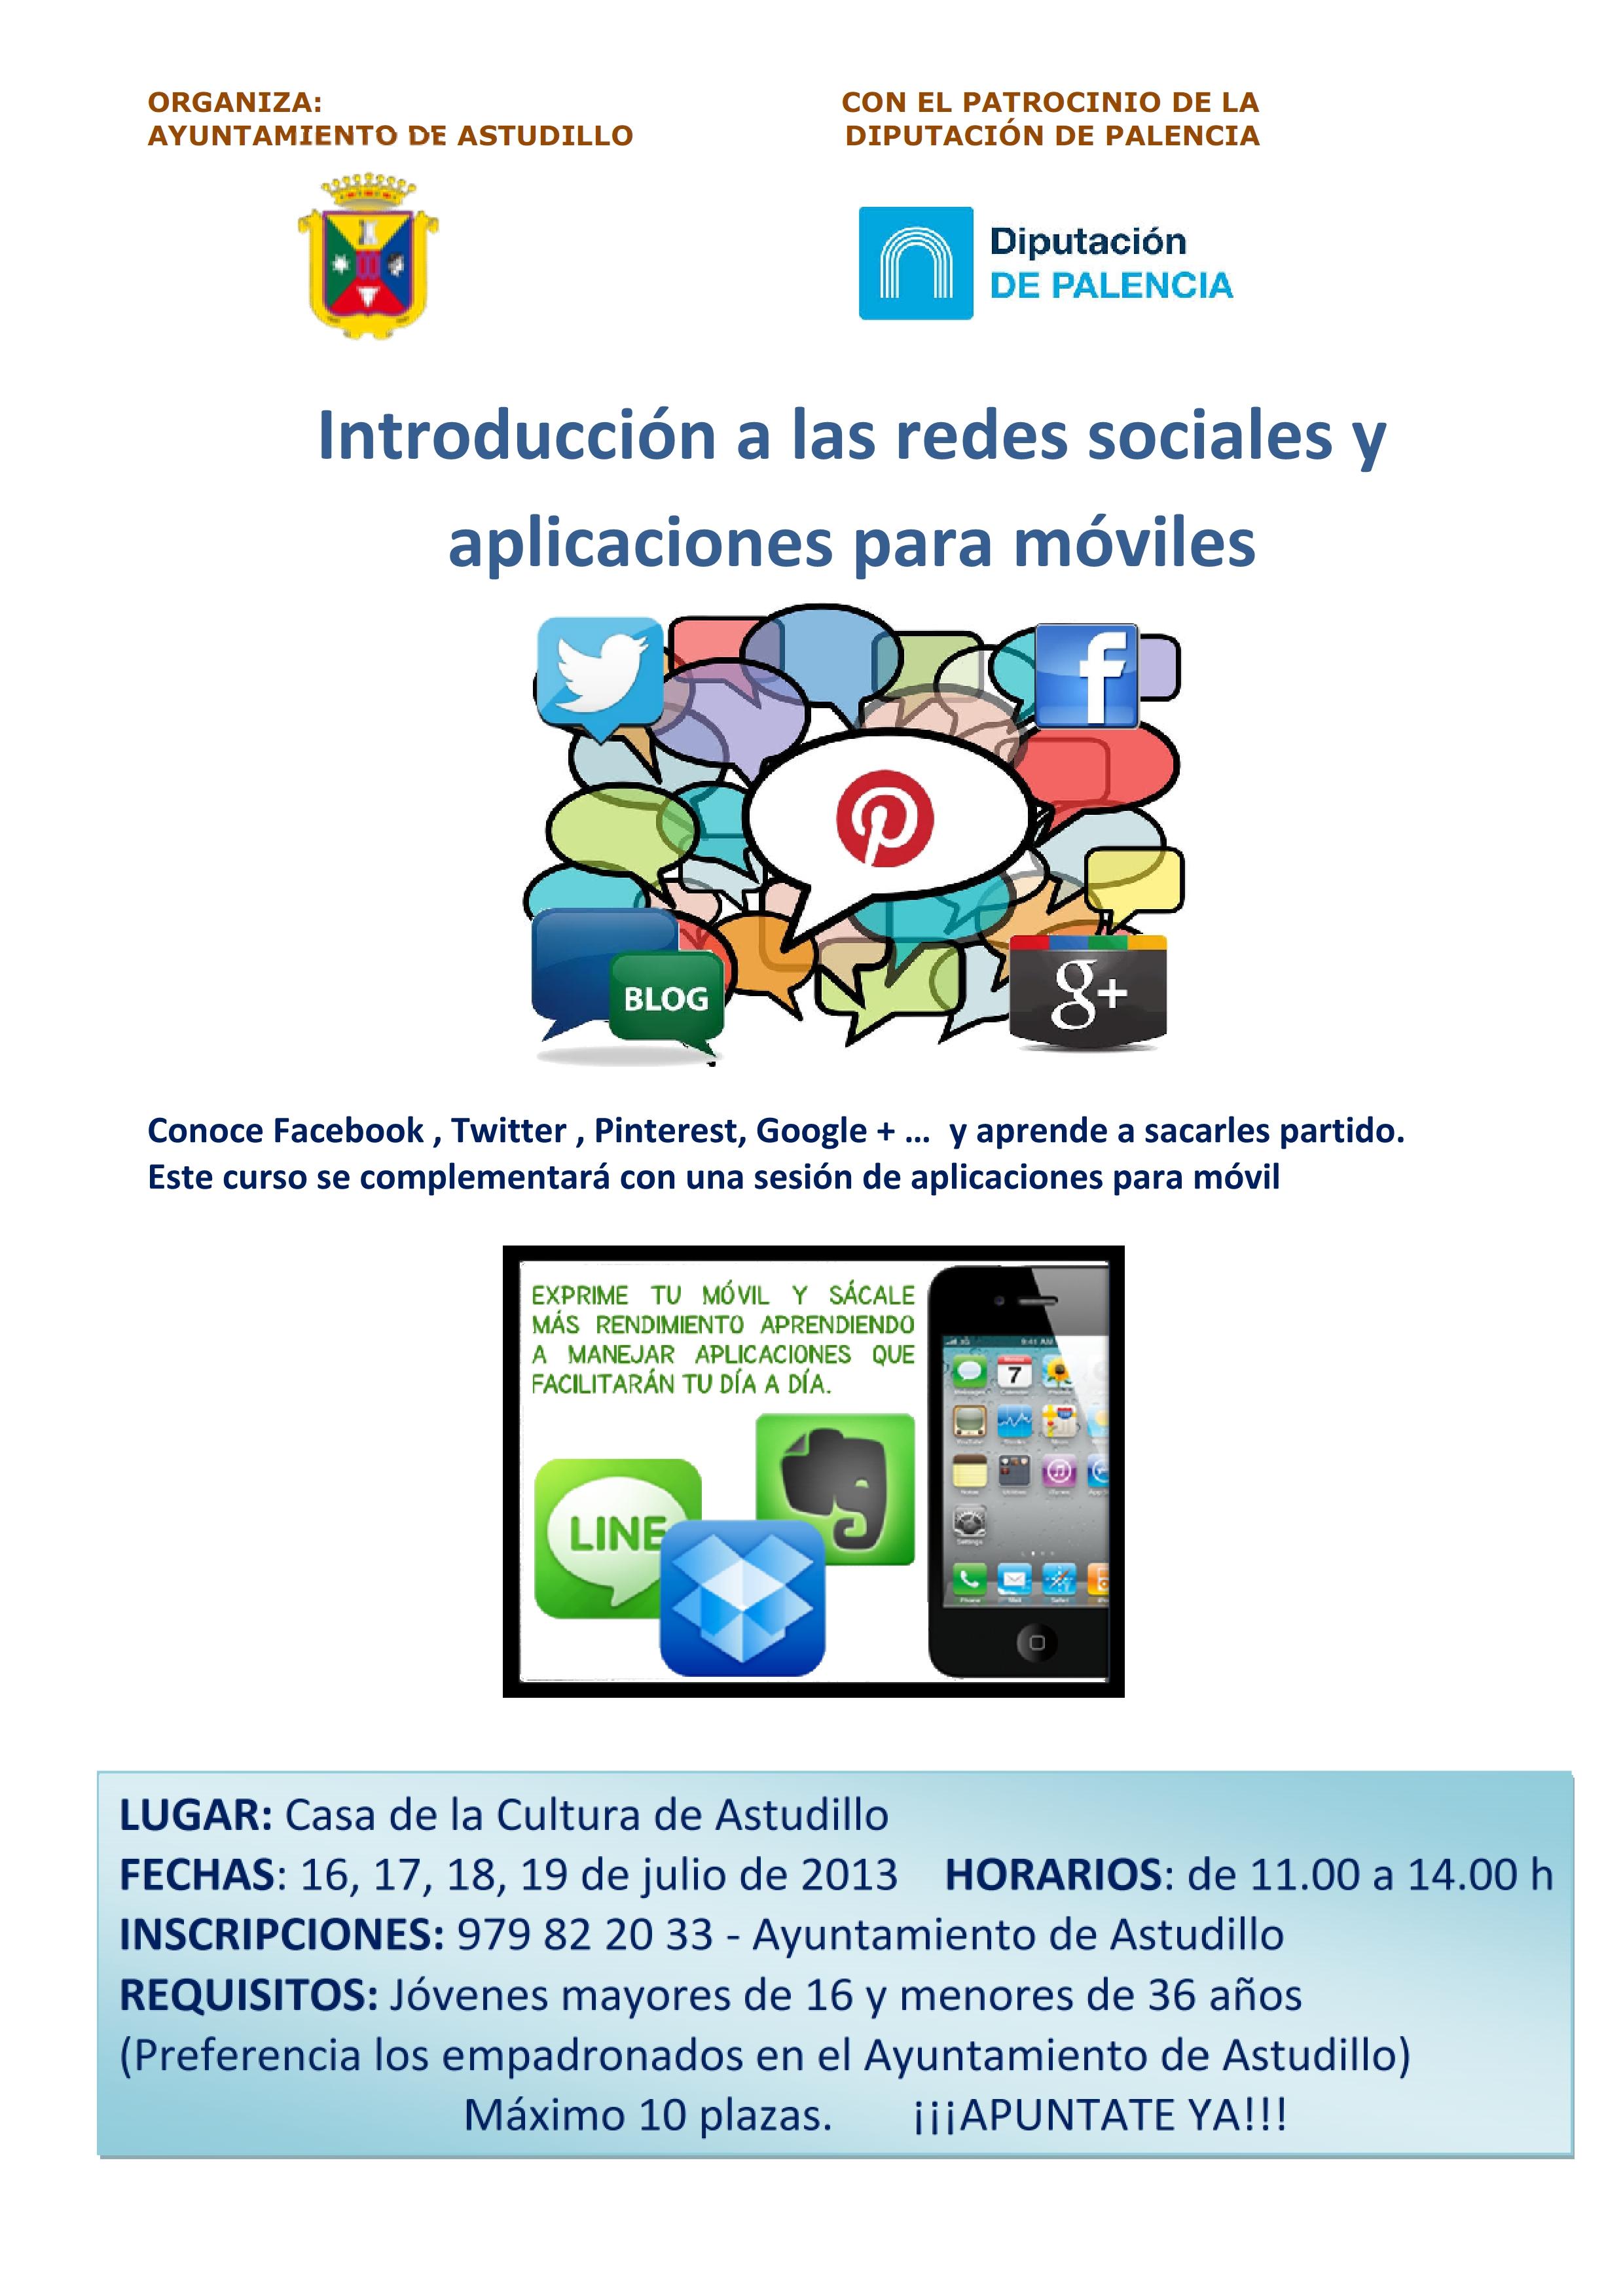 Inrtroducción a las redes sociales y aplicaciones para móviles